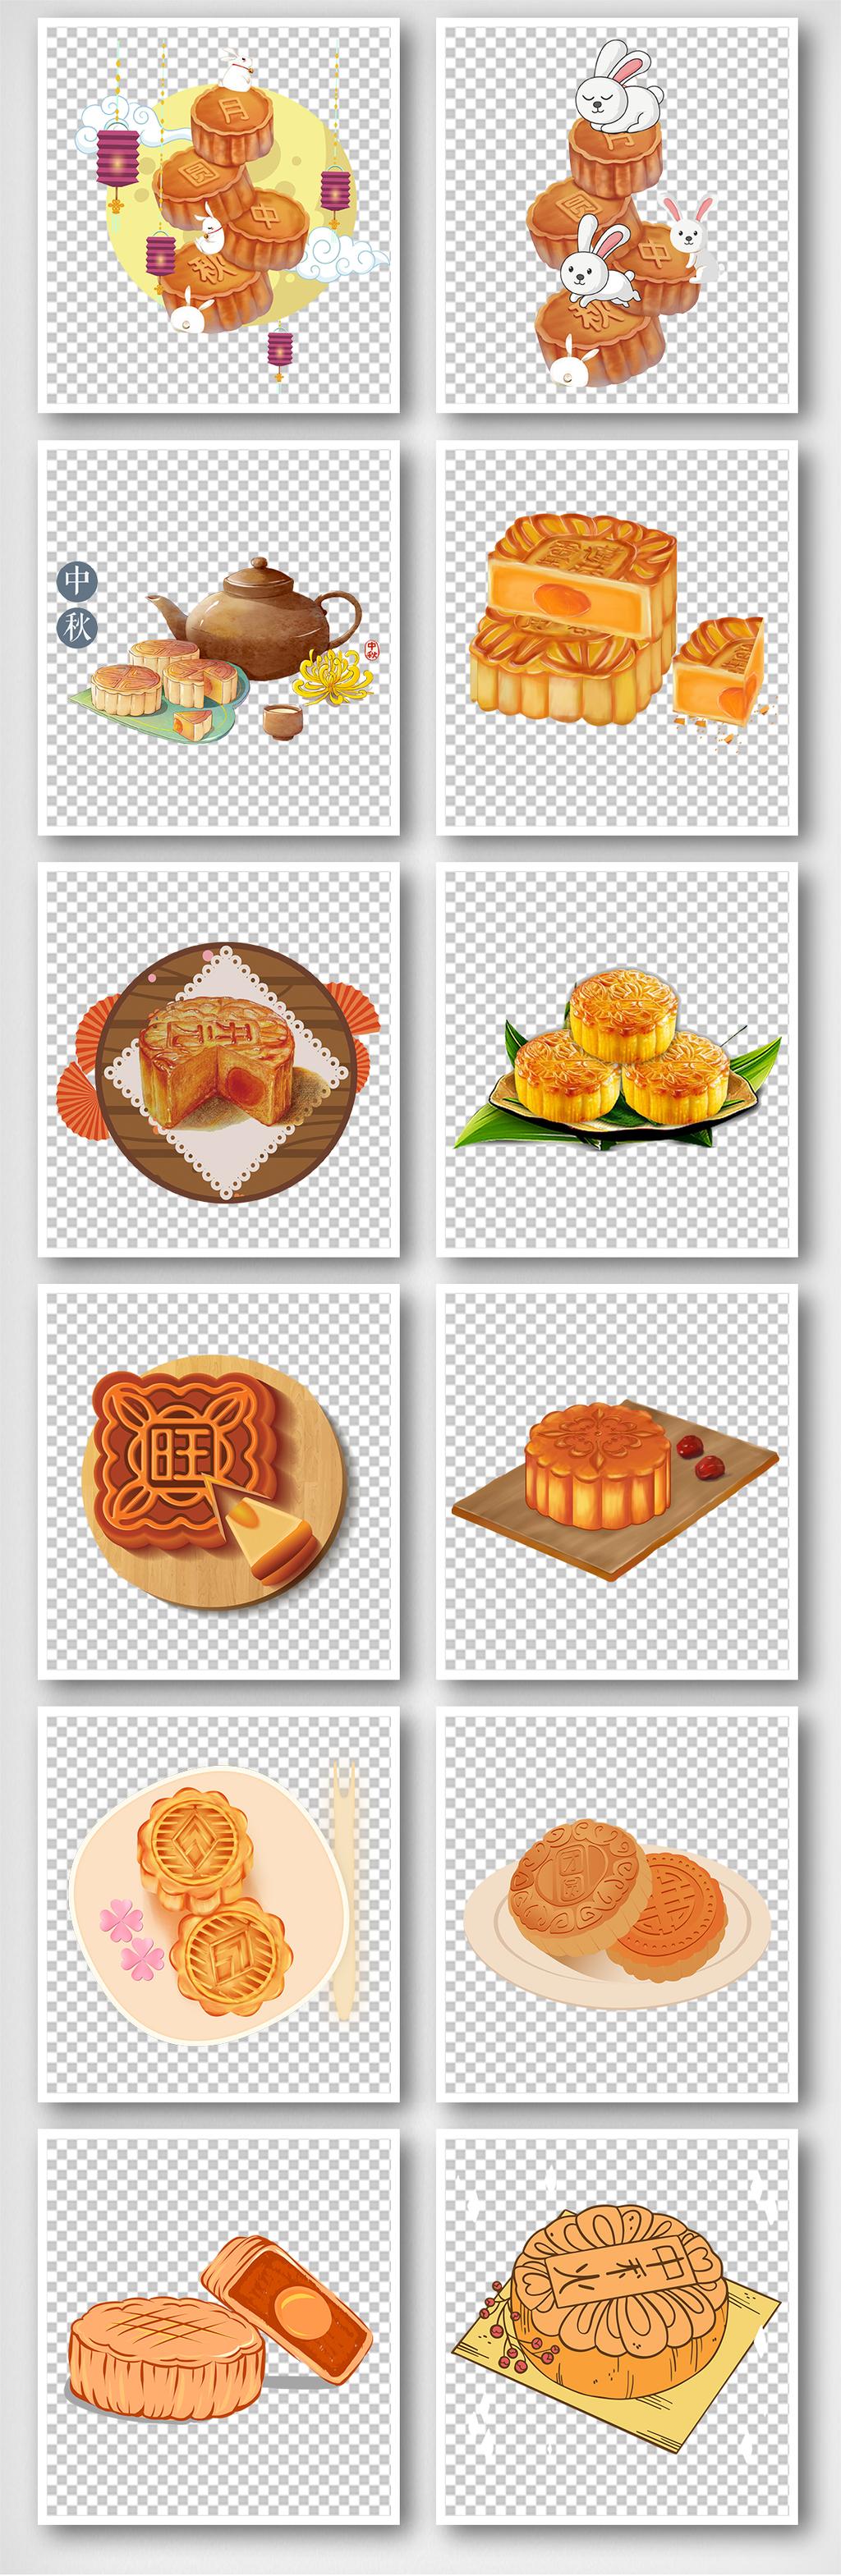 中秋节卡通手绘月饼元素png